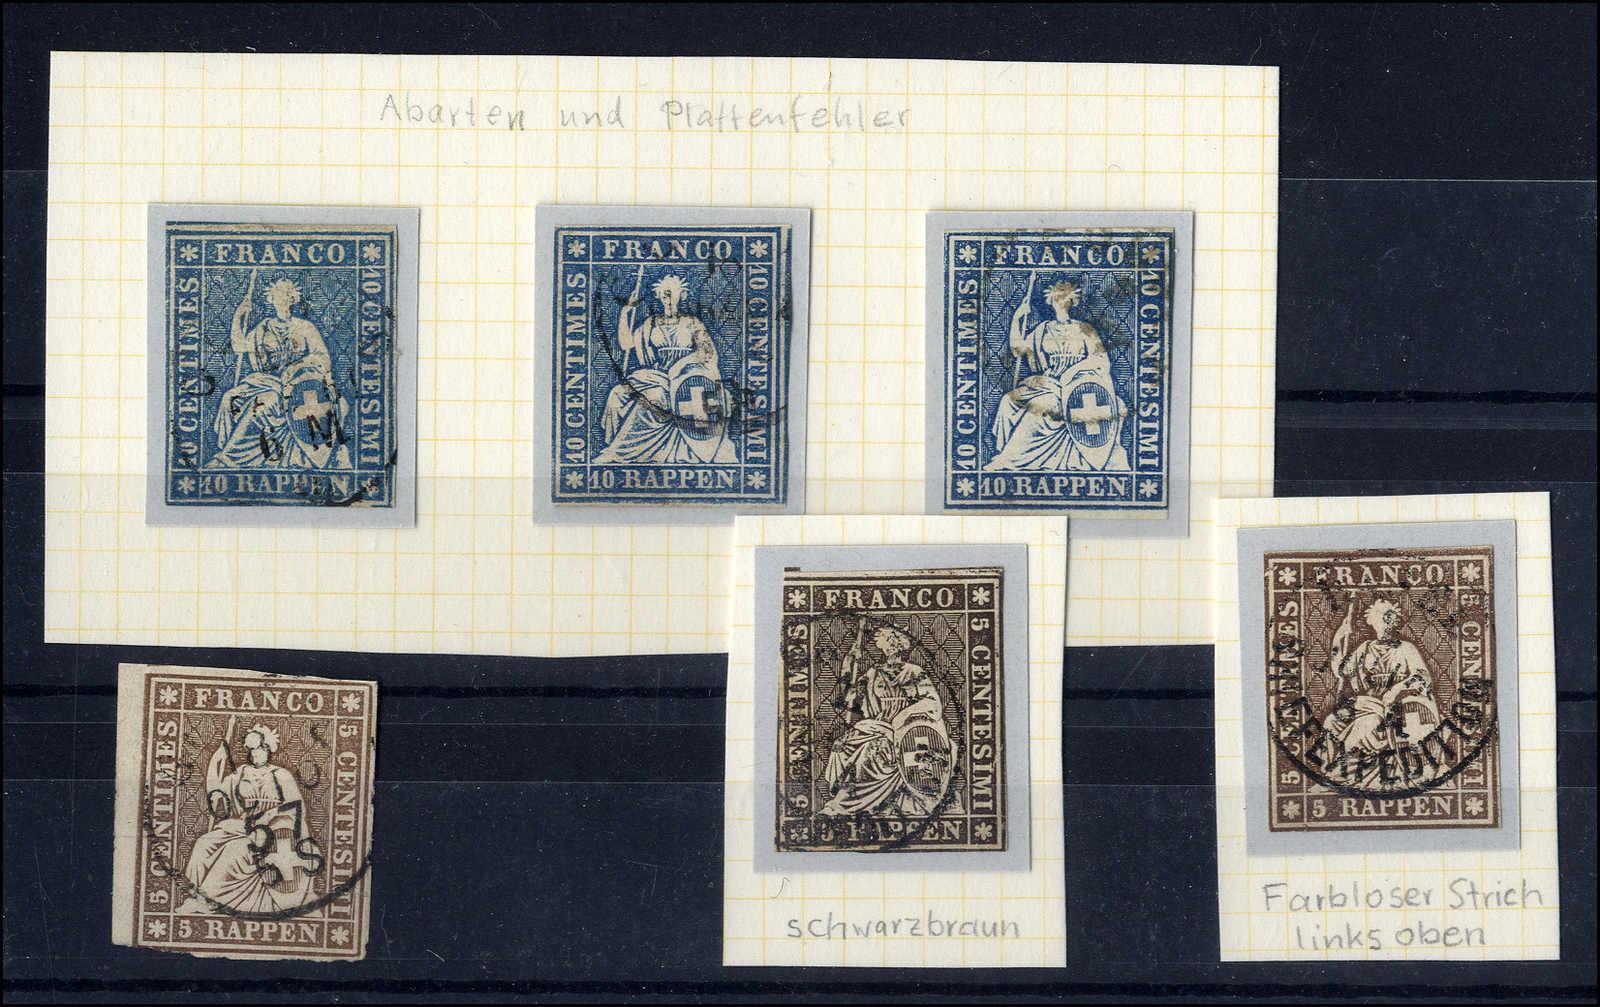 Lot 52 - sammlungen und posten sammlungen und posten altschweiz -  Rolli Auctions Auction #68 Day 1